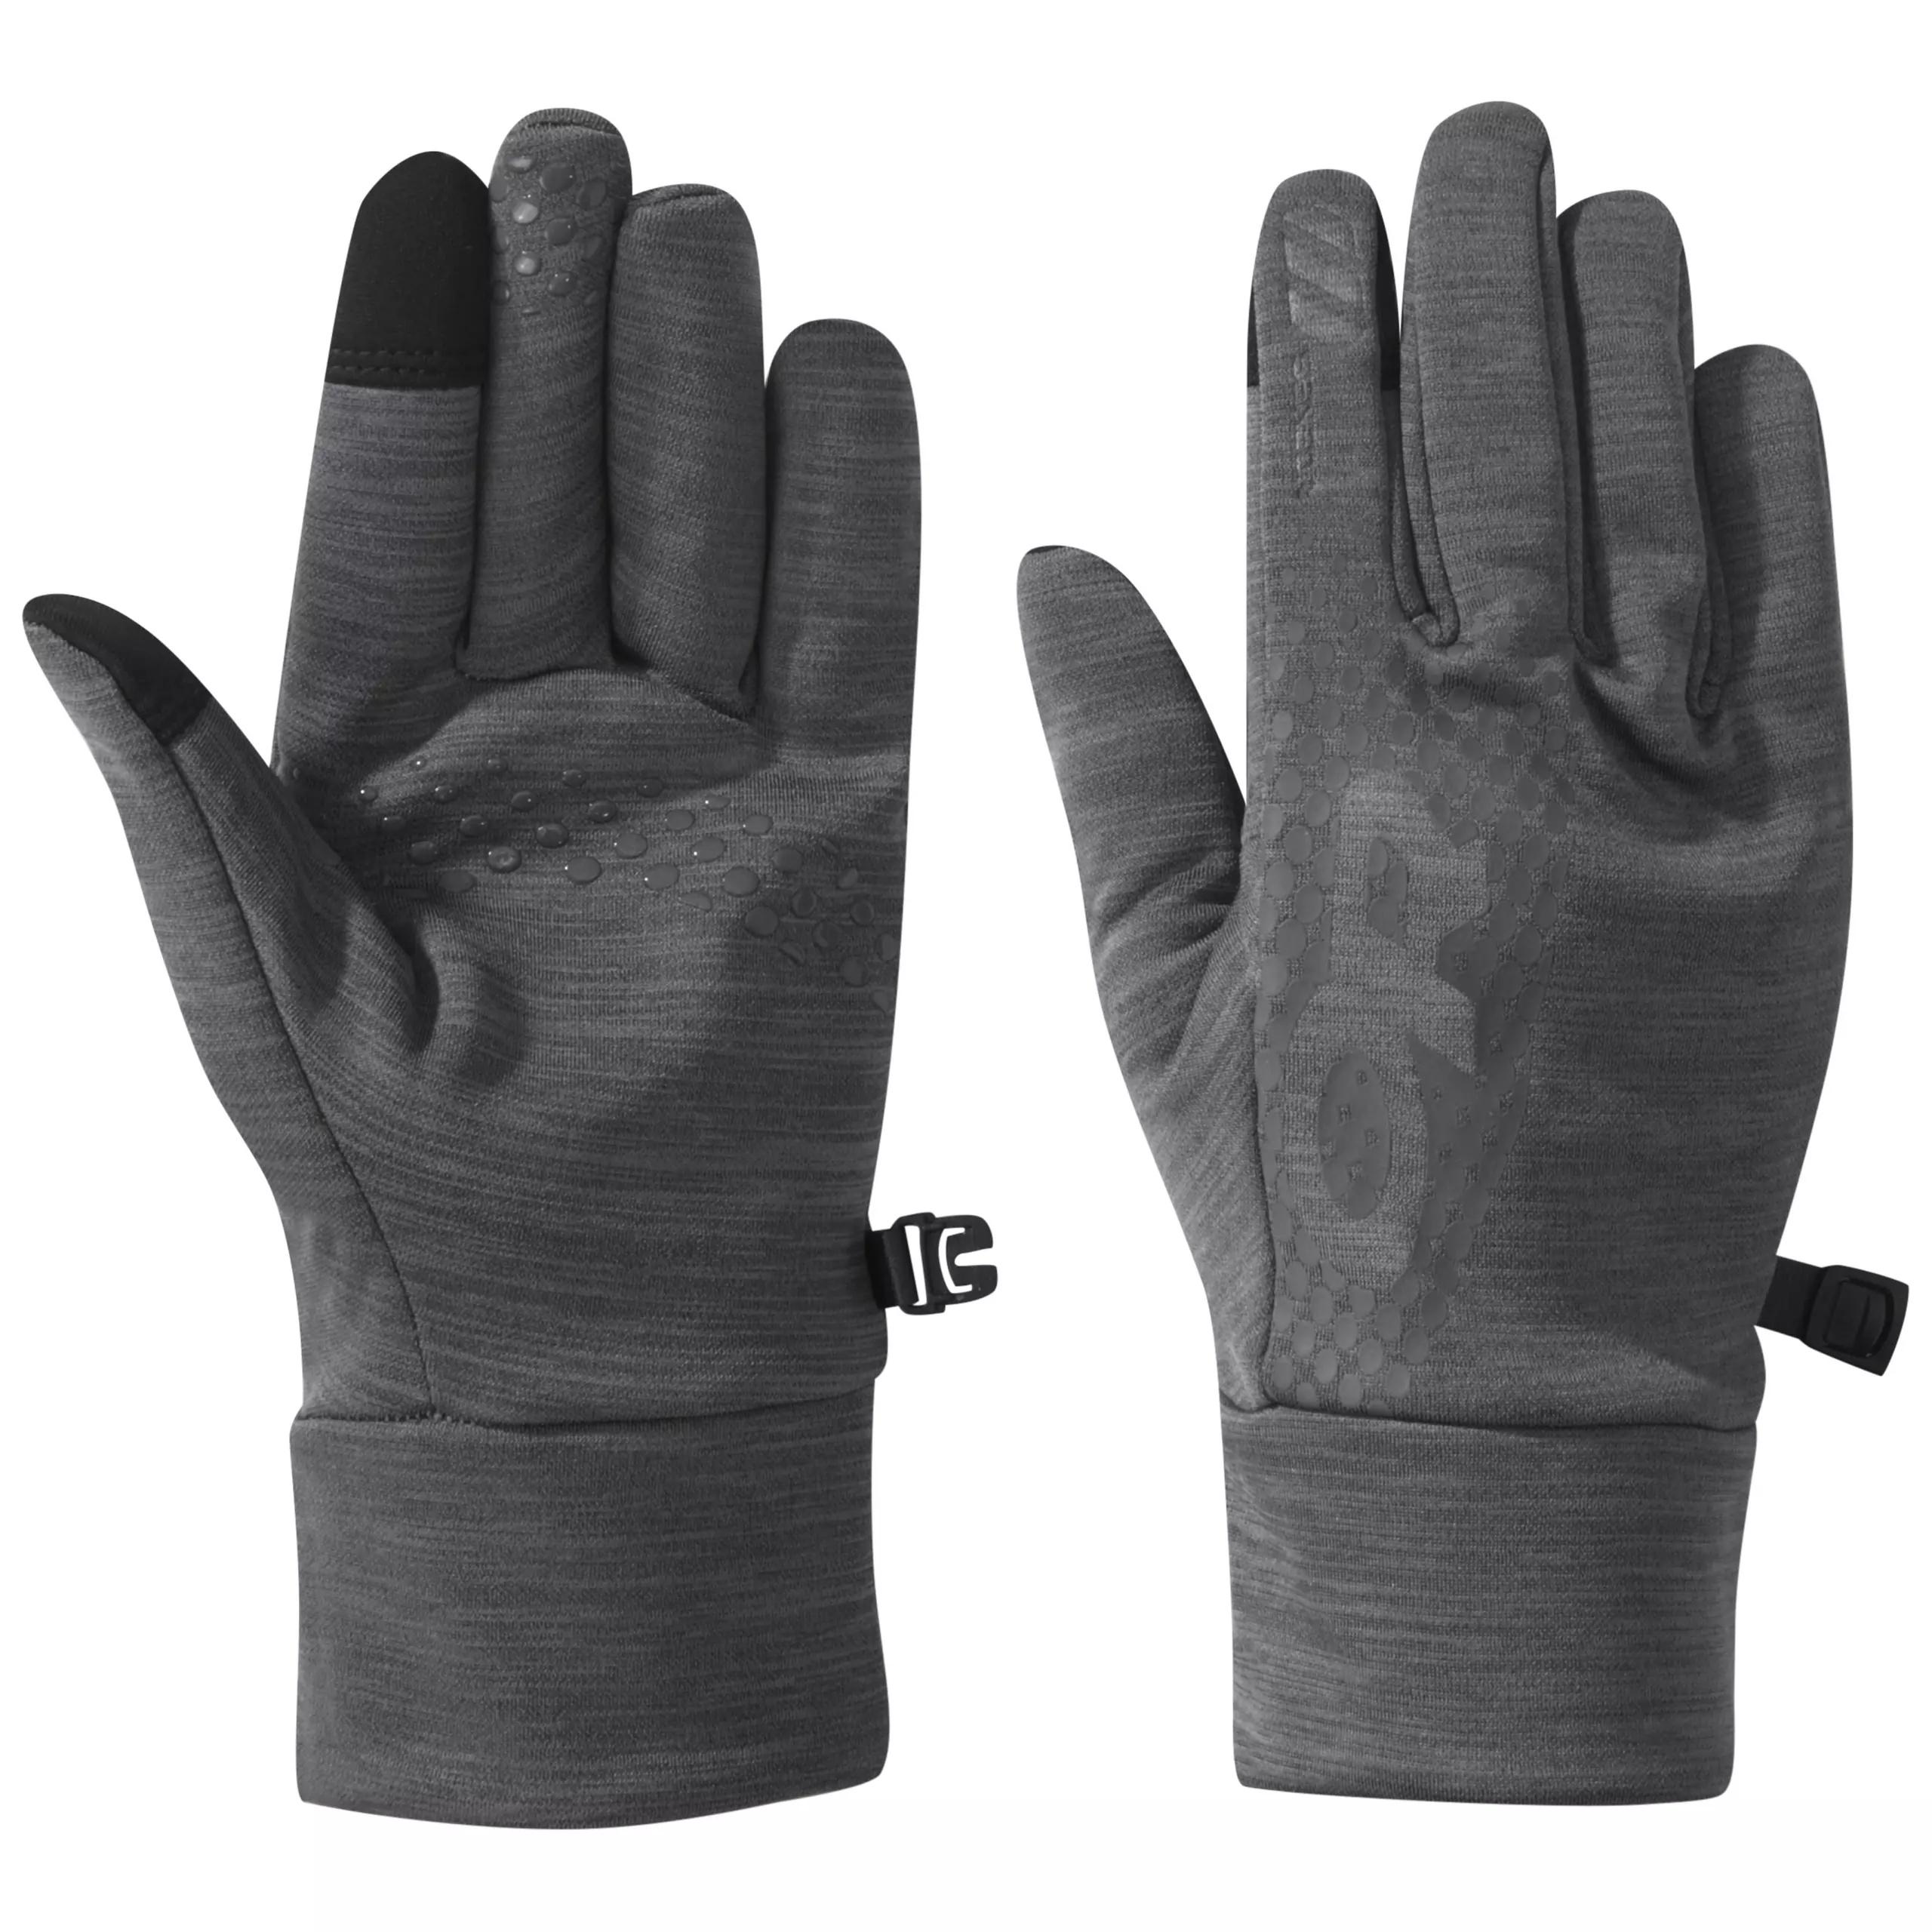 Vigor Midweight Sensor Gloves - Women's